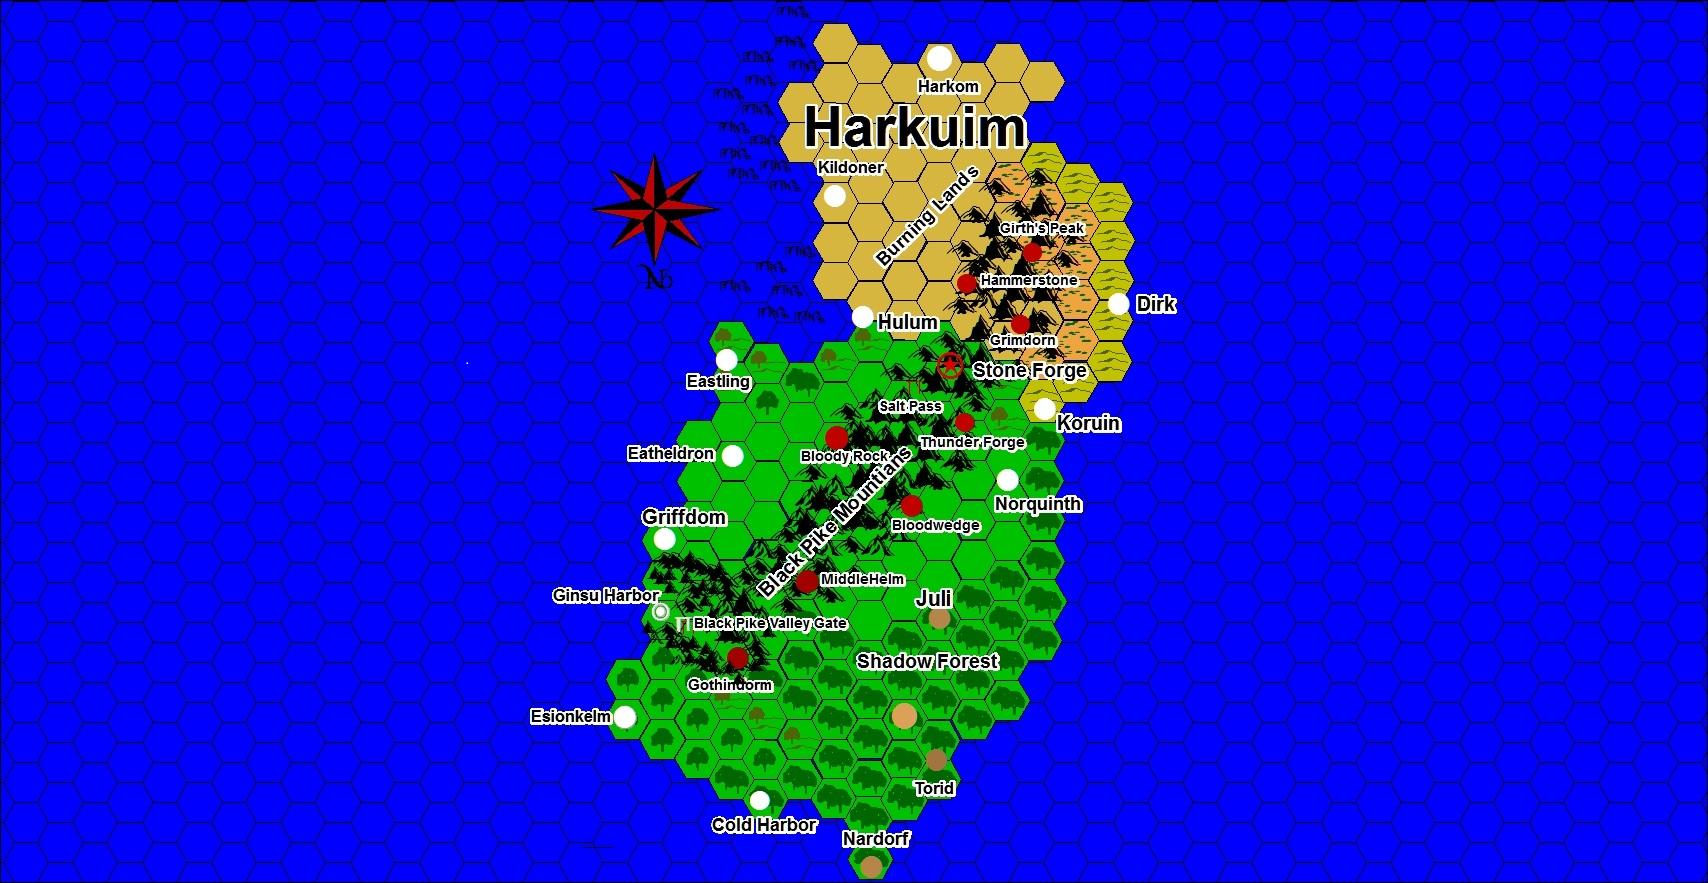 Harkuim